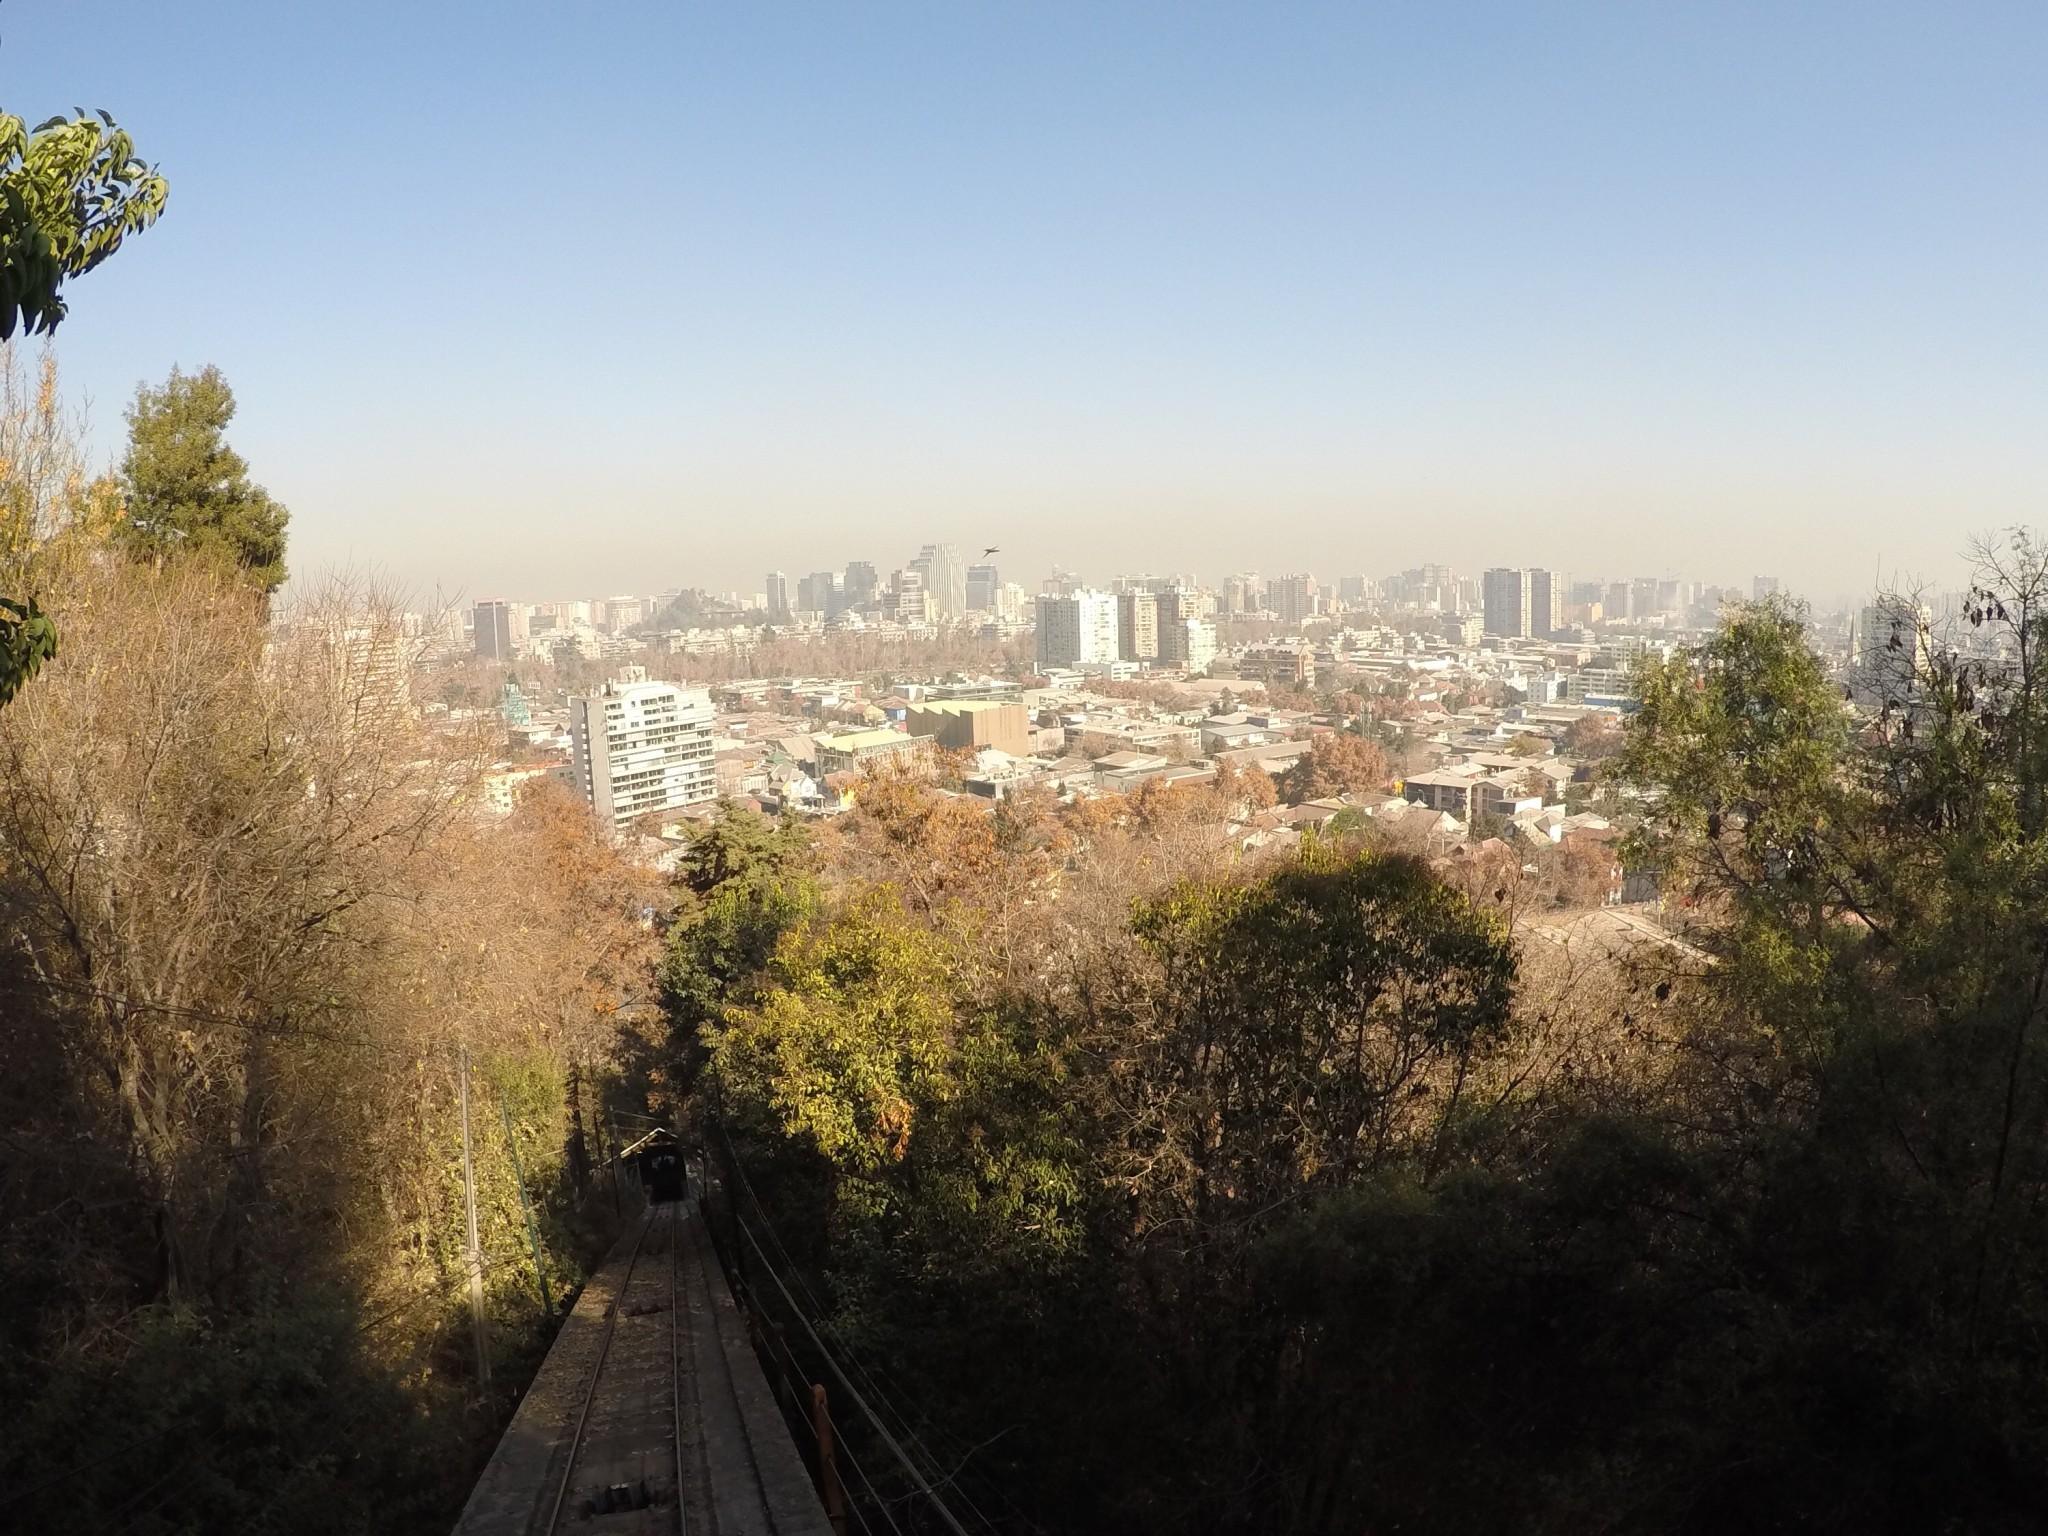 Santiago e a poluição do inverno